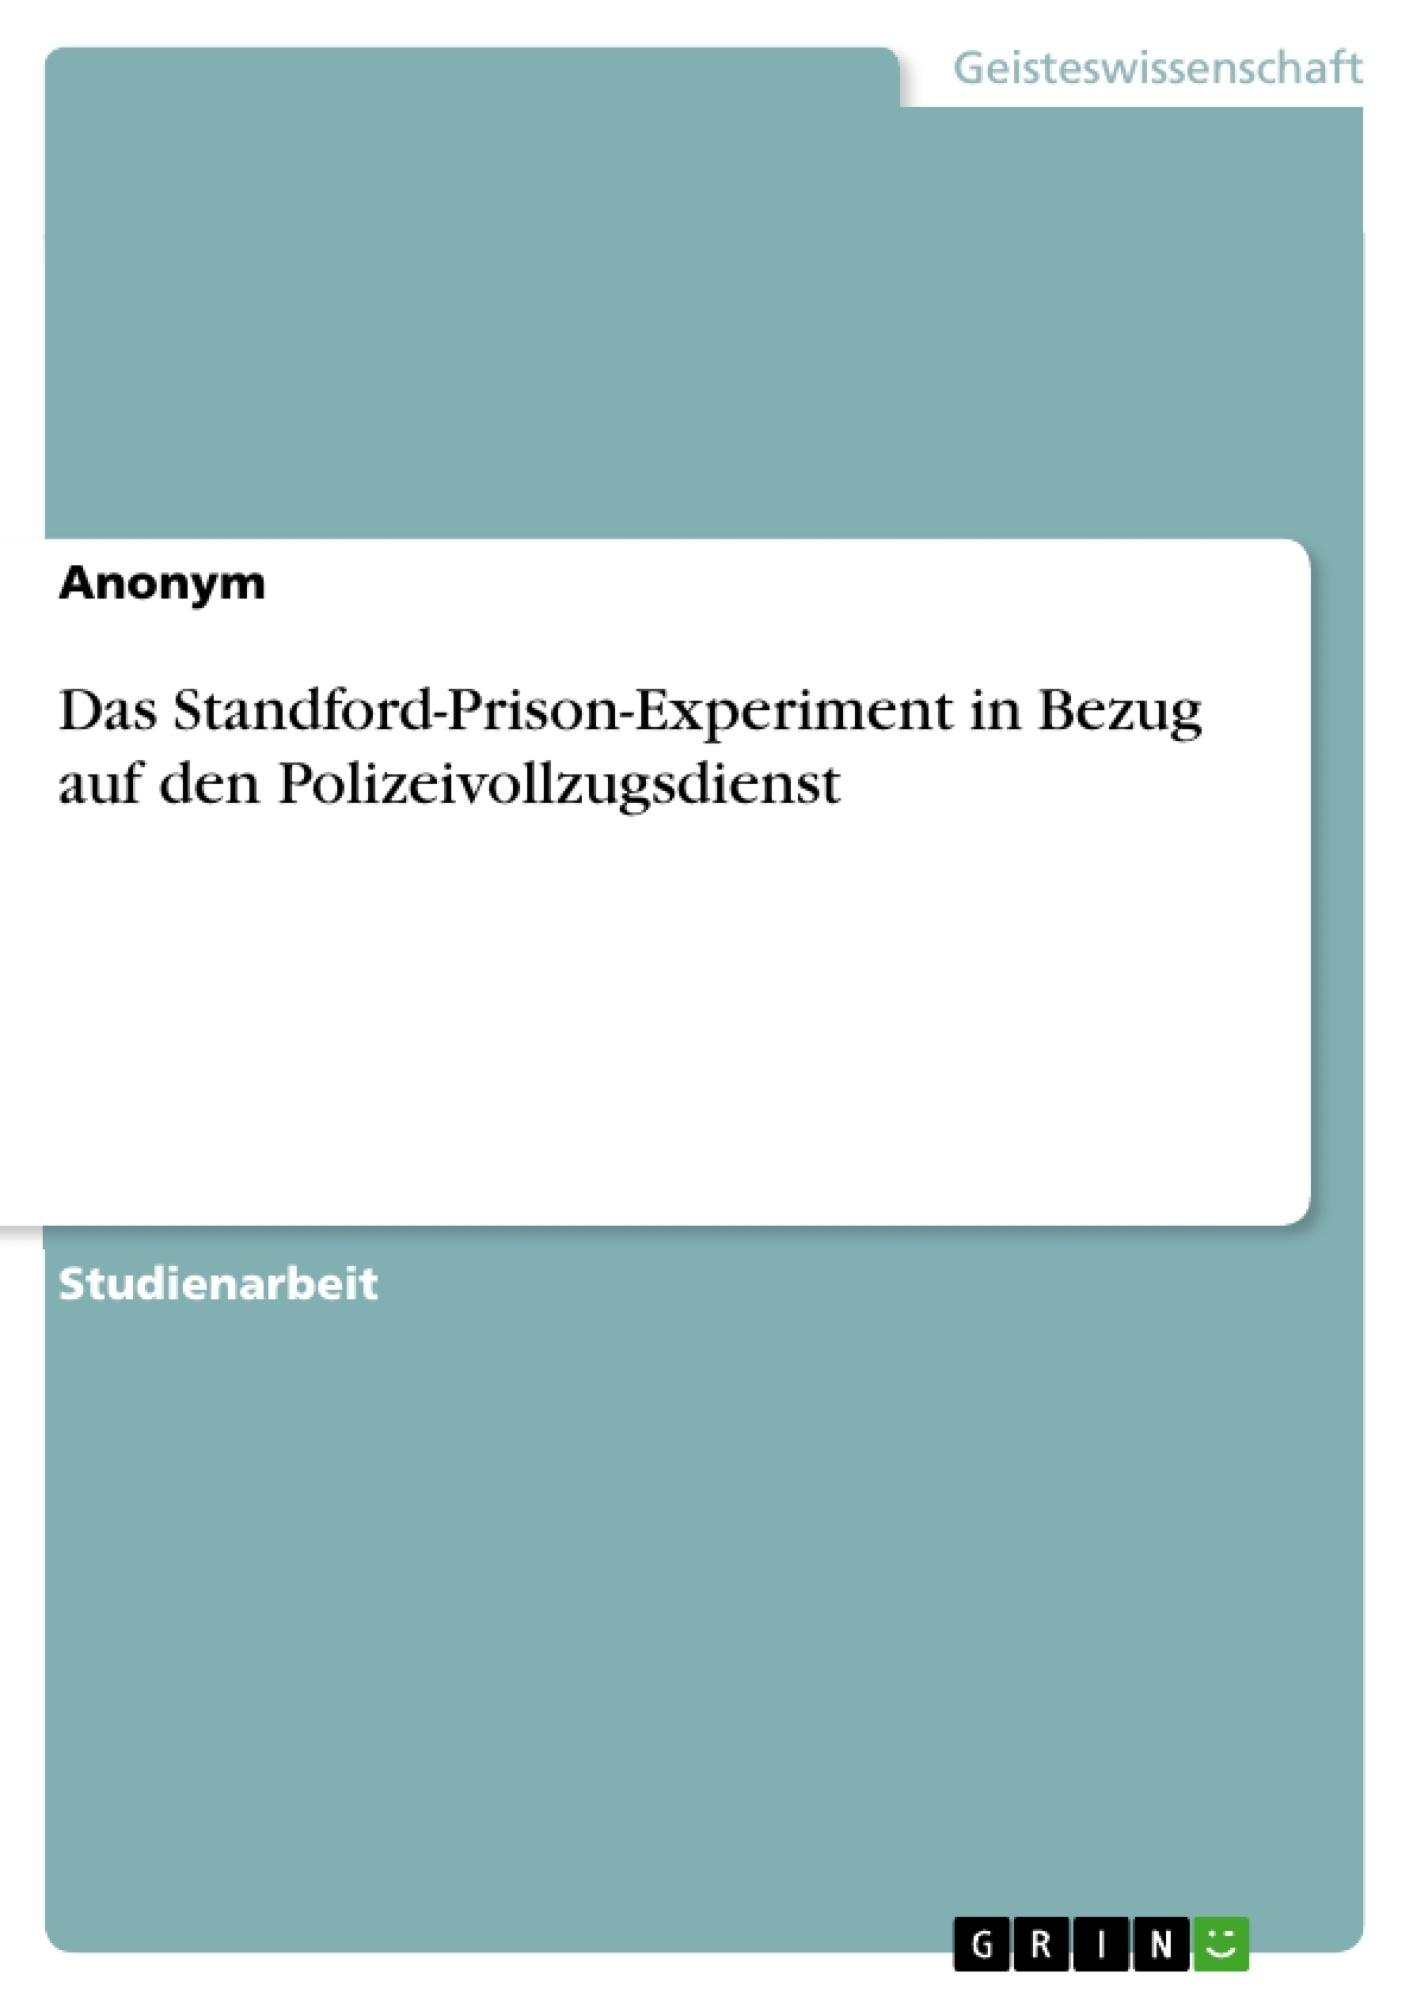 Titel: Das Standford-Prison-Experiment in Bezug auf den Polizeivollzugsdienst